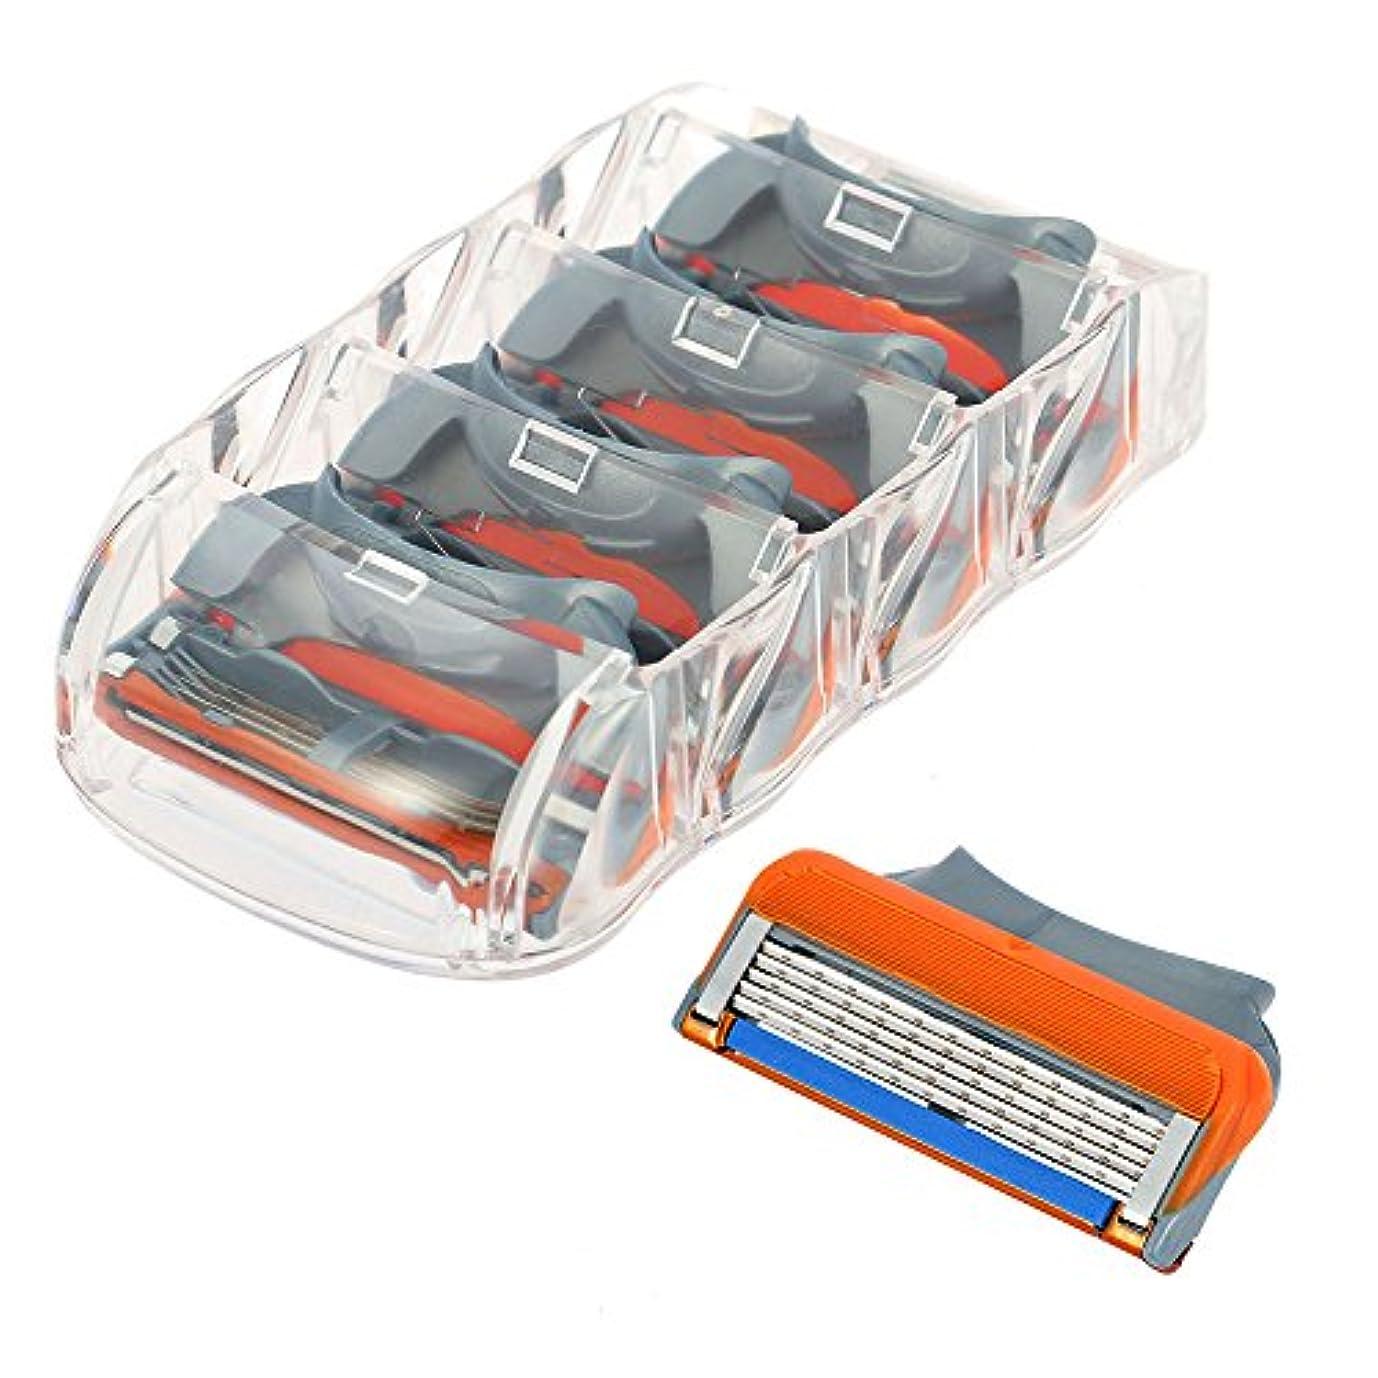 ヘッドレスせせらぎバイナリKISENG 4本 5層ブレードシェービング 剃刀シェーバーヘッド 交換用 ジレットに適用